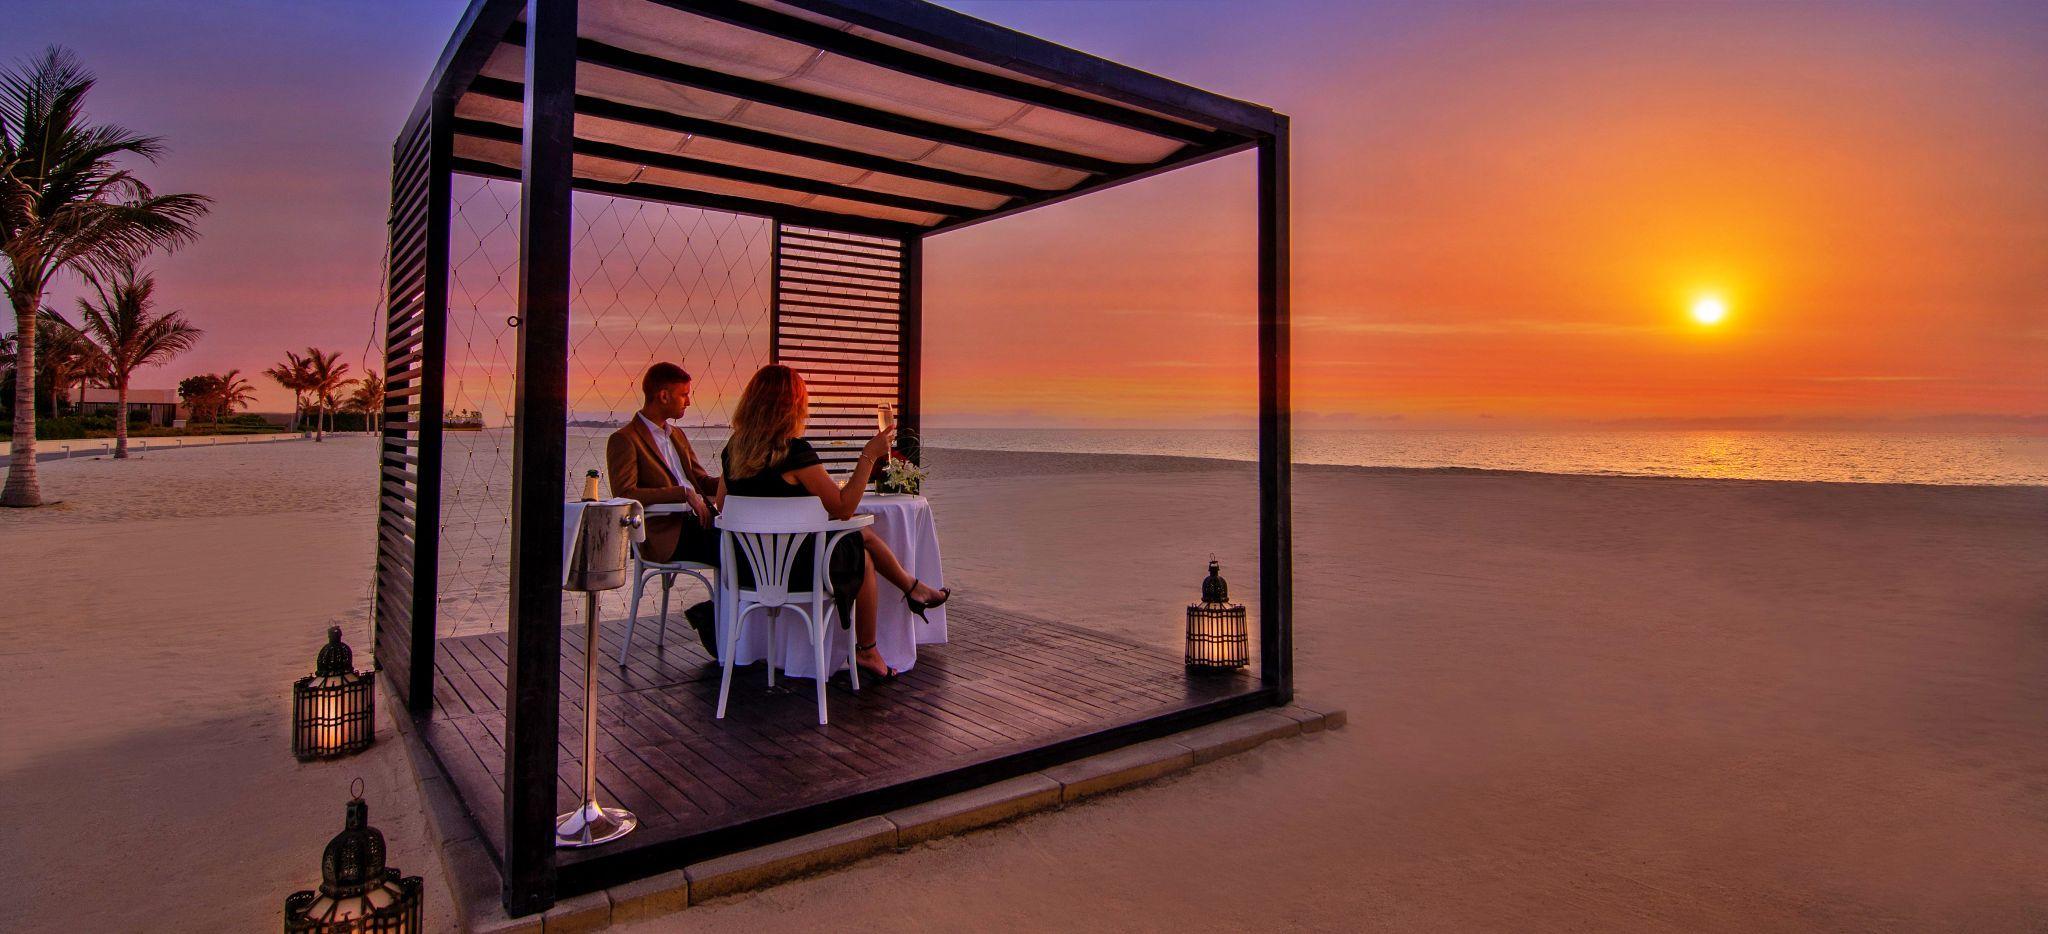 Ein Paar isst in einem Cabana am Strand zu Abend und beobachtet den Sonnenuntergang